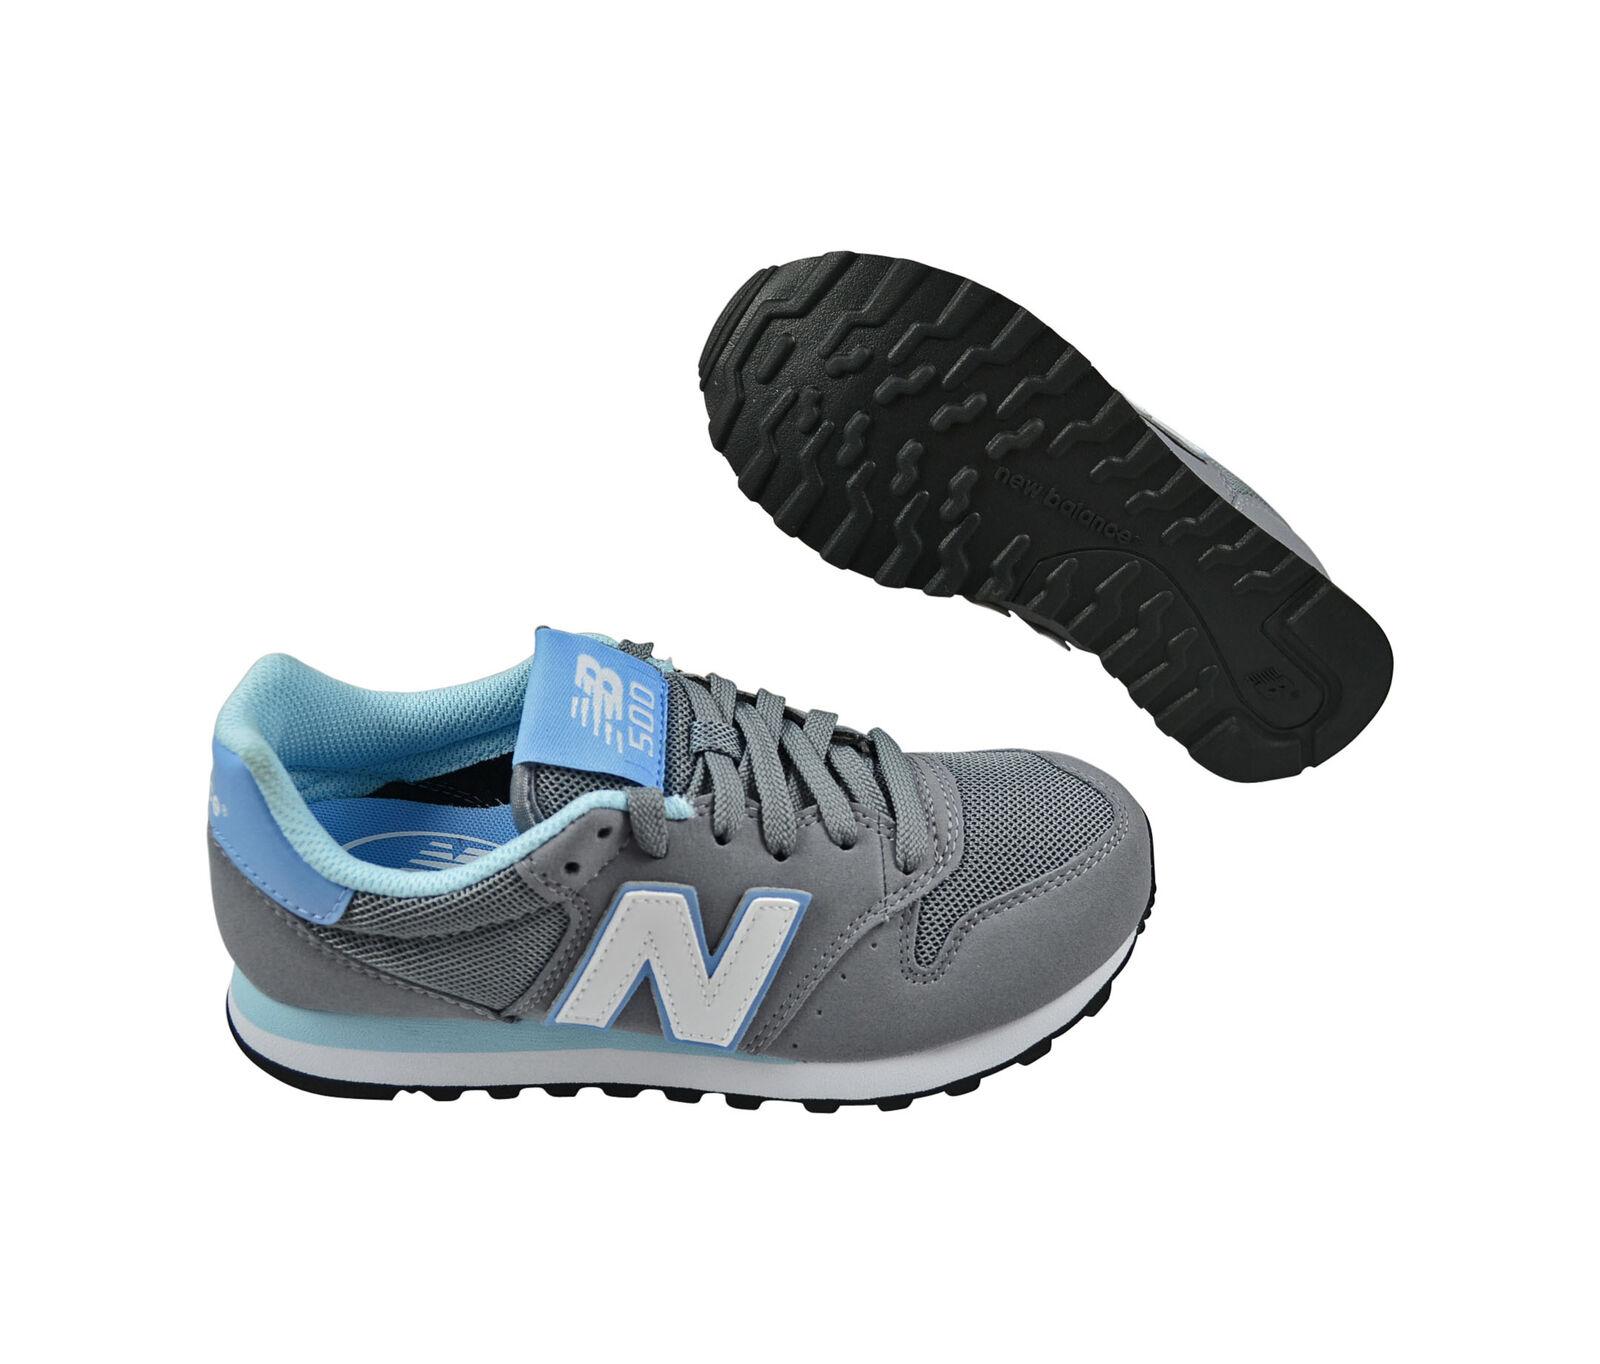 New balance gw500 gb gris zapatos cortos tamaños tamaños tamaños selección  suministro de productos de calidad